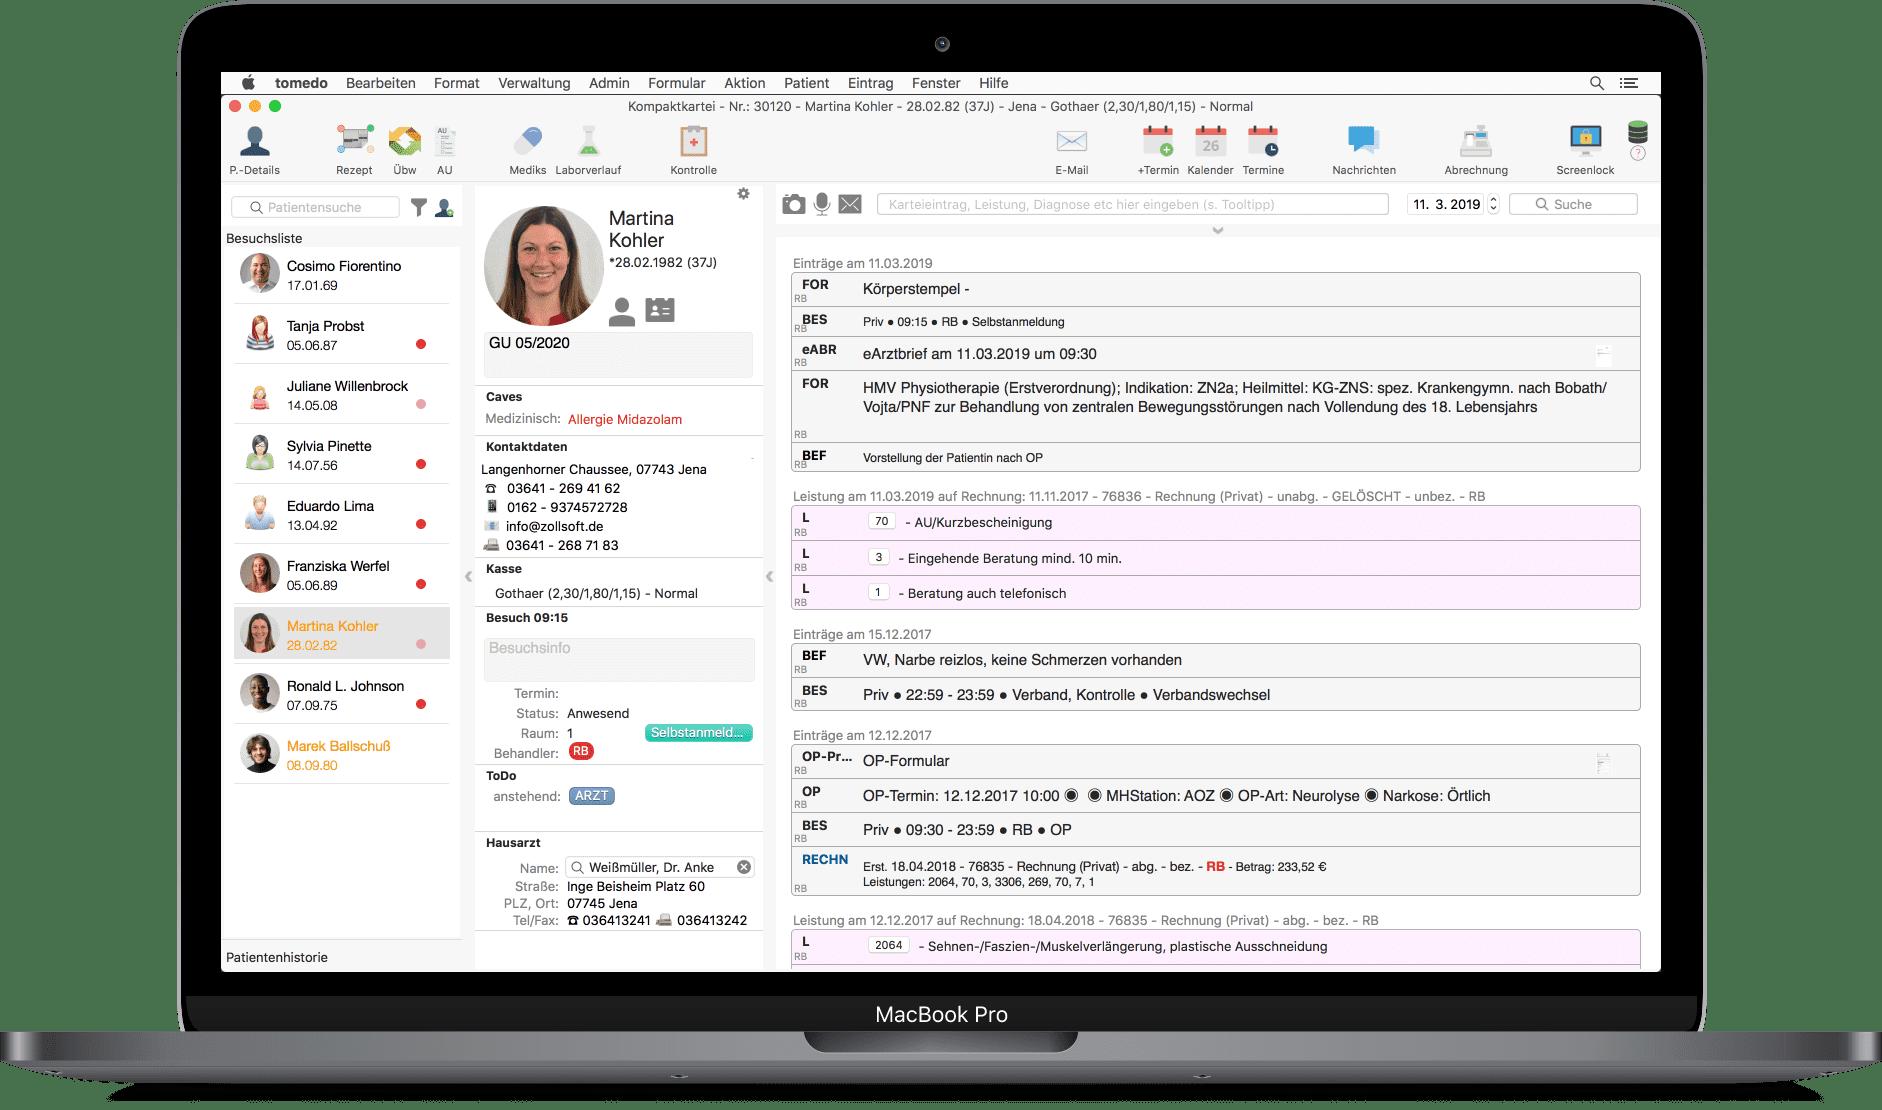 macbook-pro-tomedo